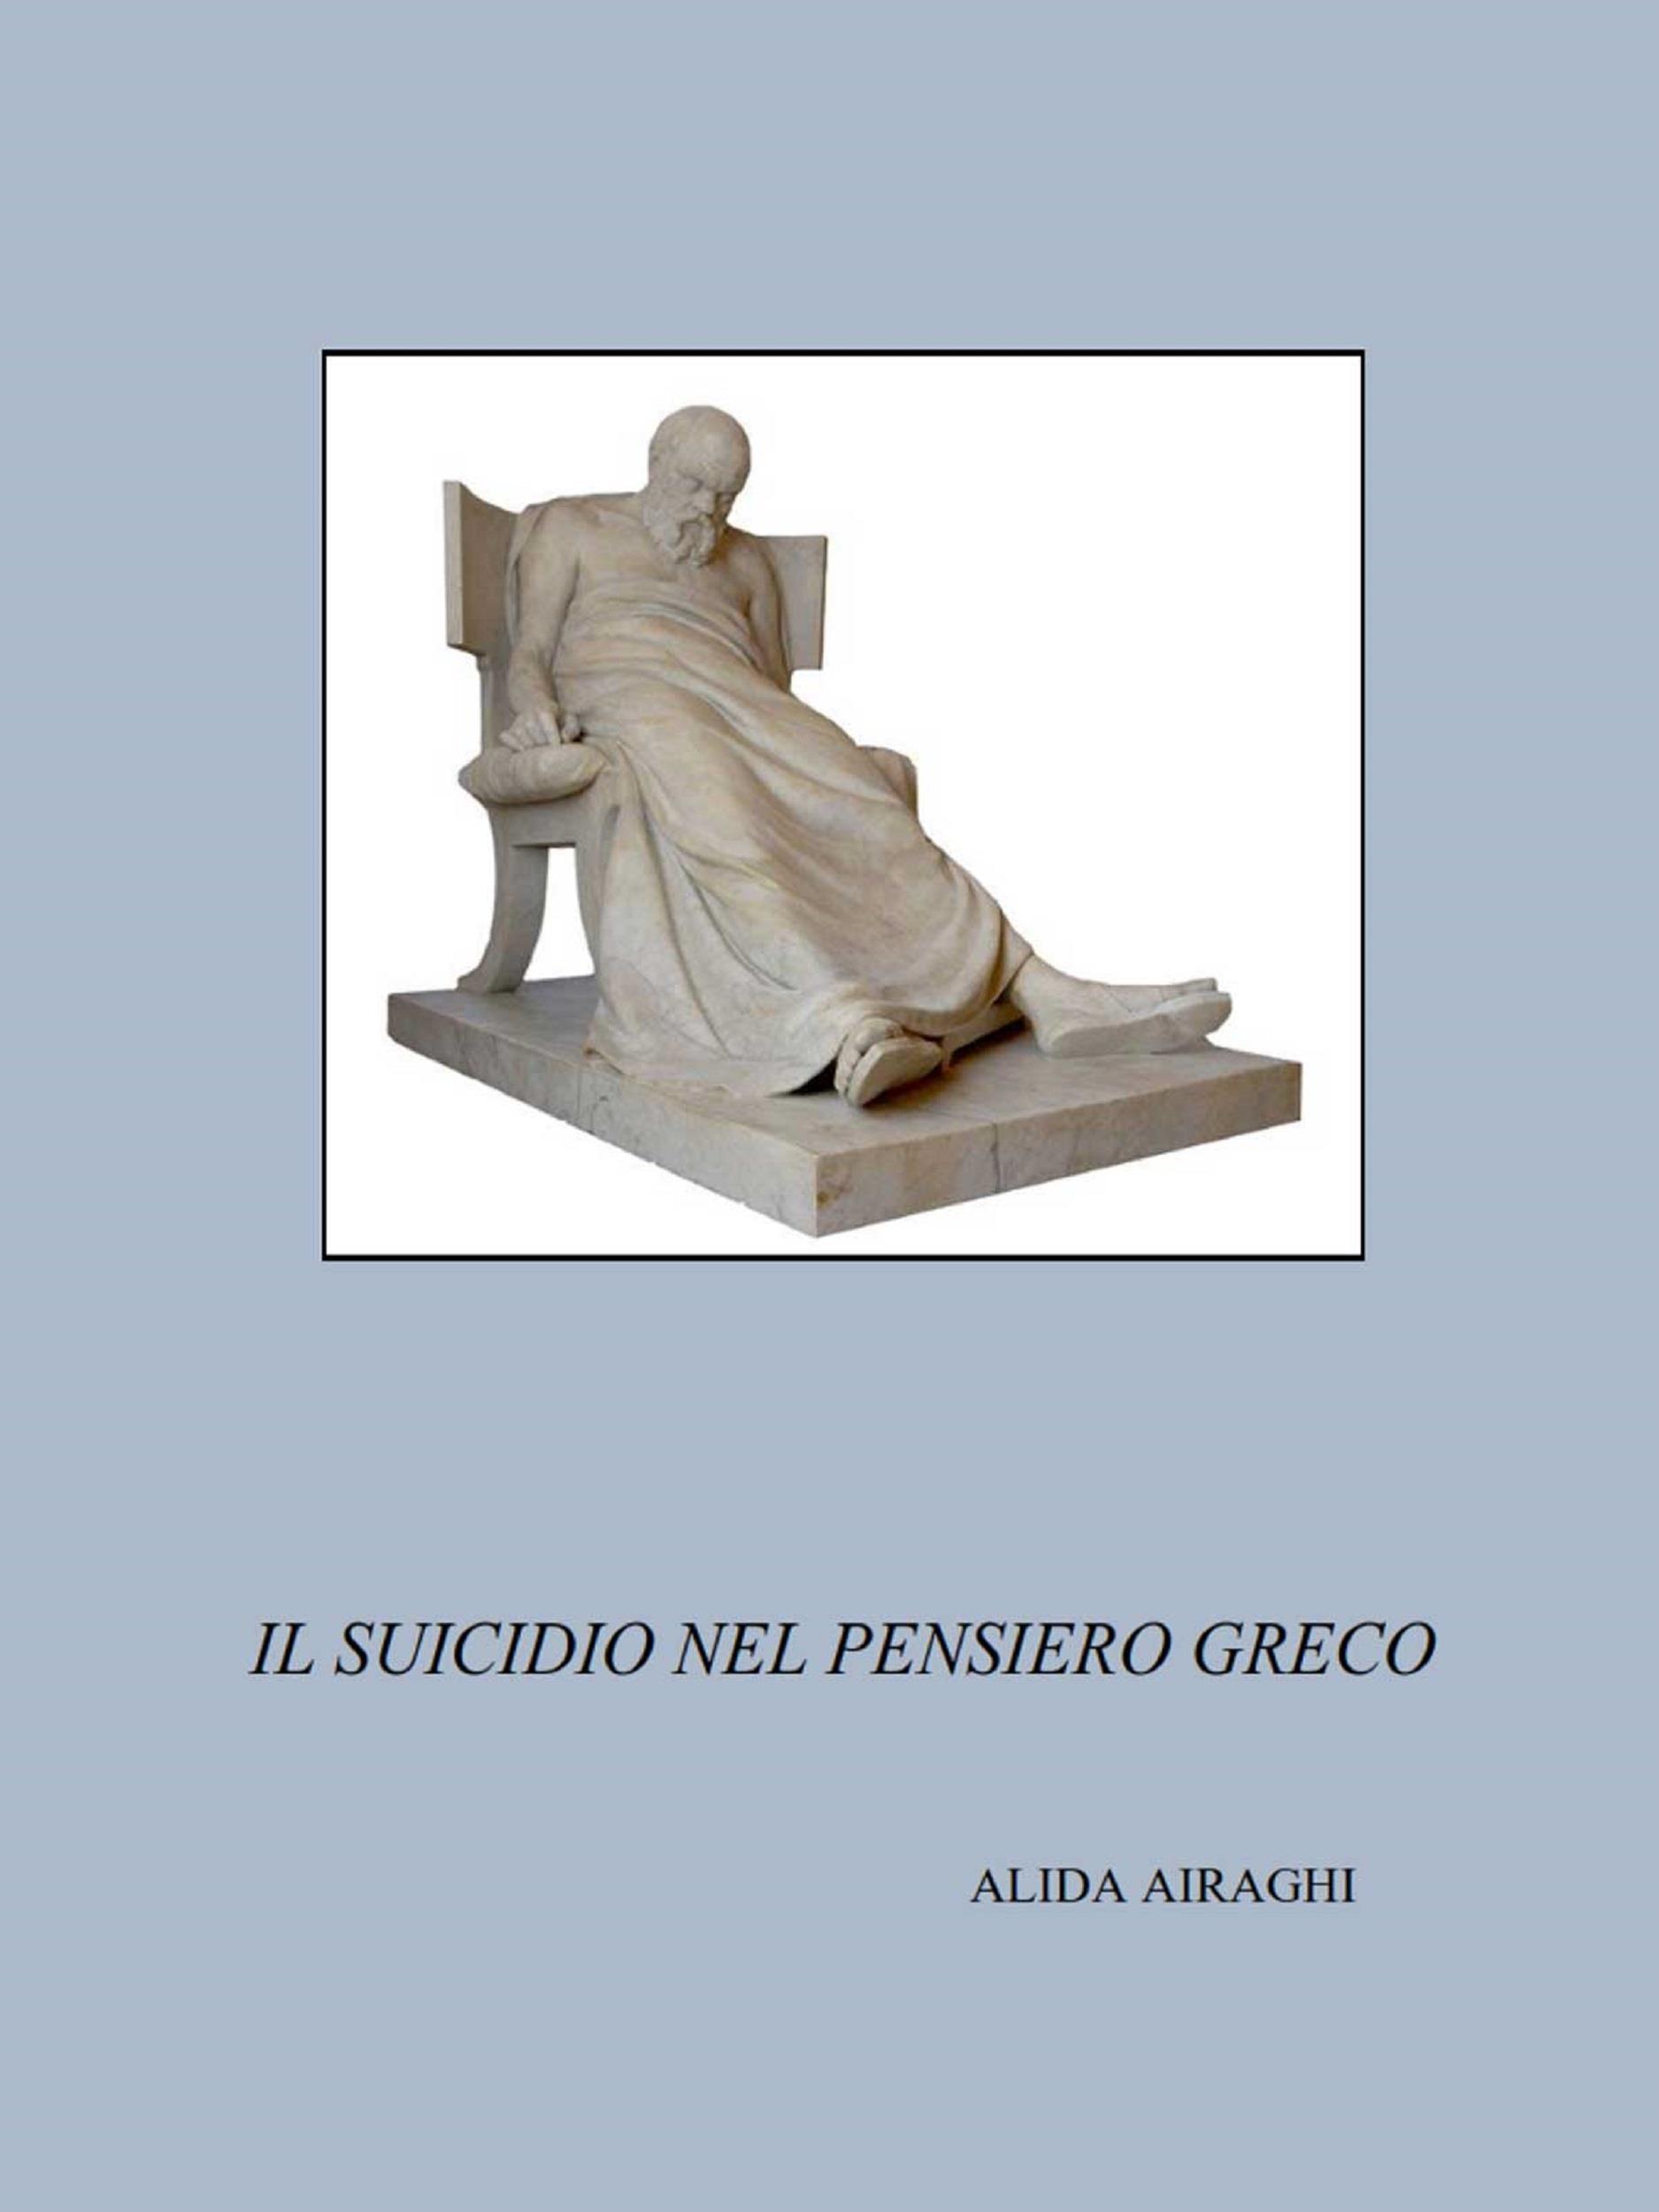 Il suicidio nel pensiero greco